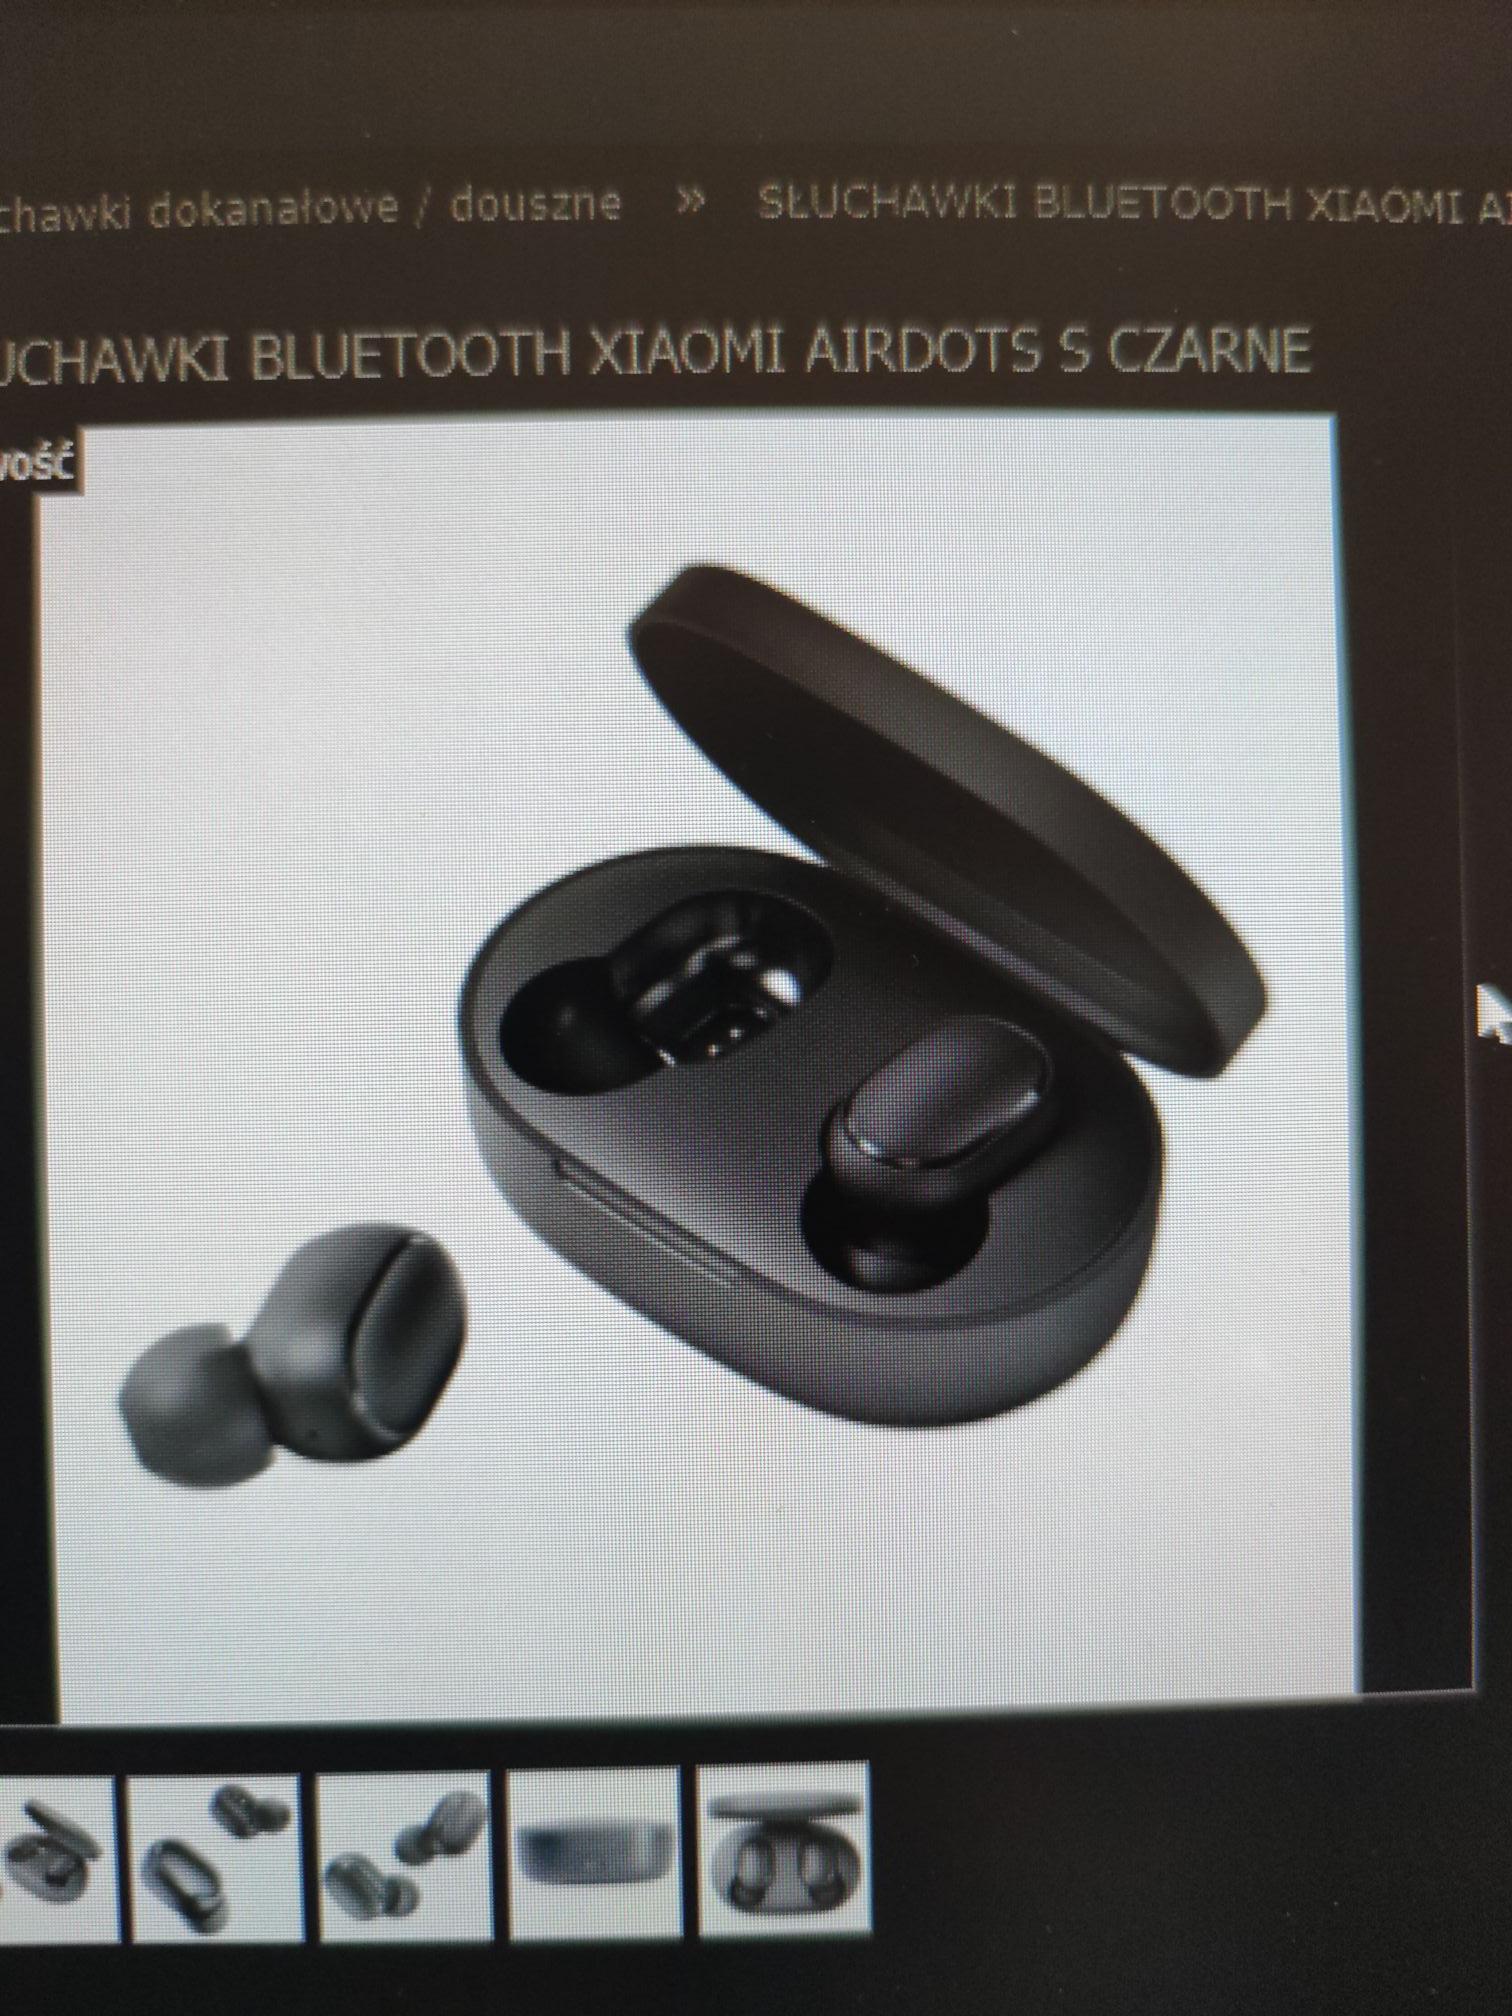 Słuchawki Bluetooth Xiaomi airdots